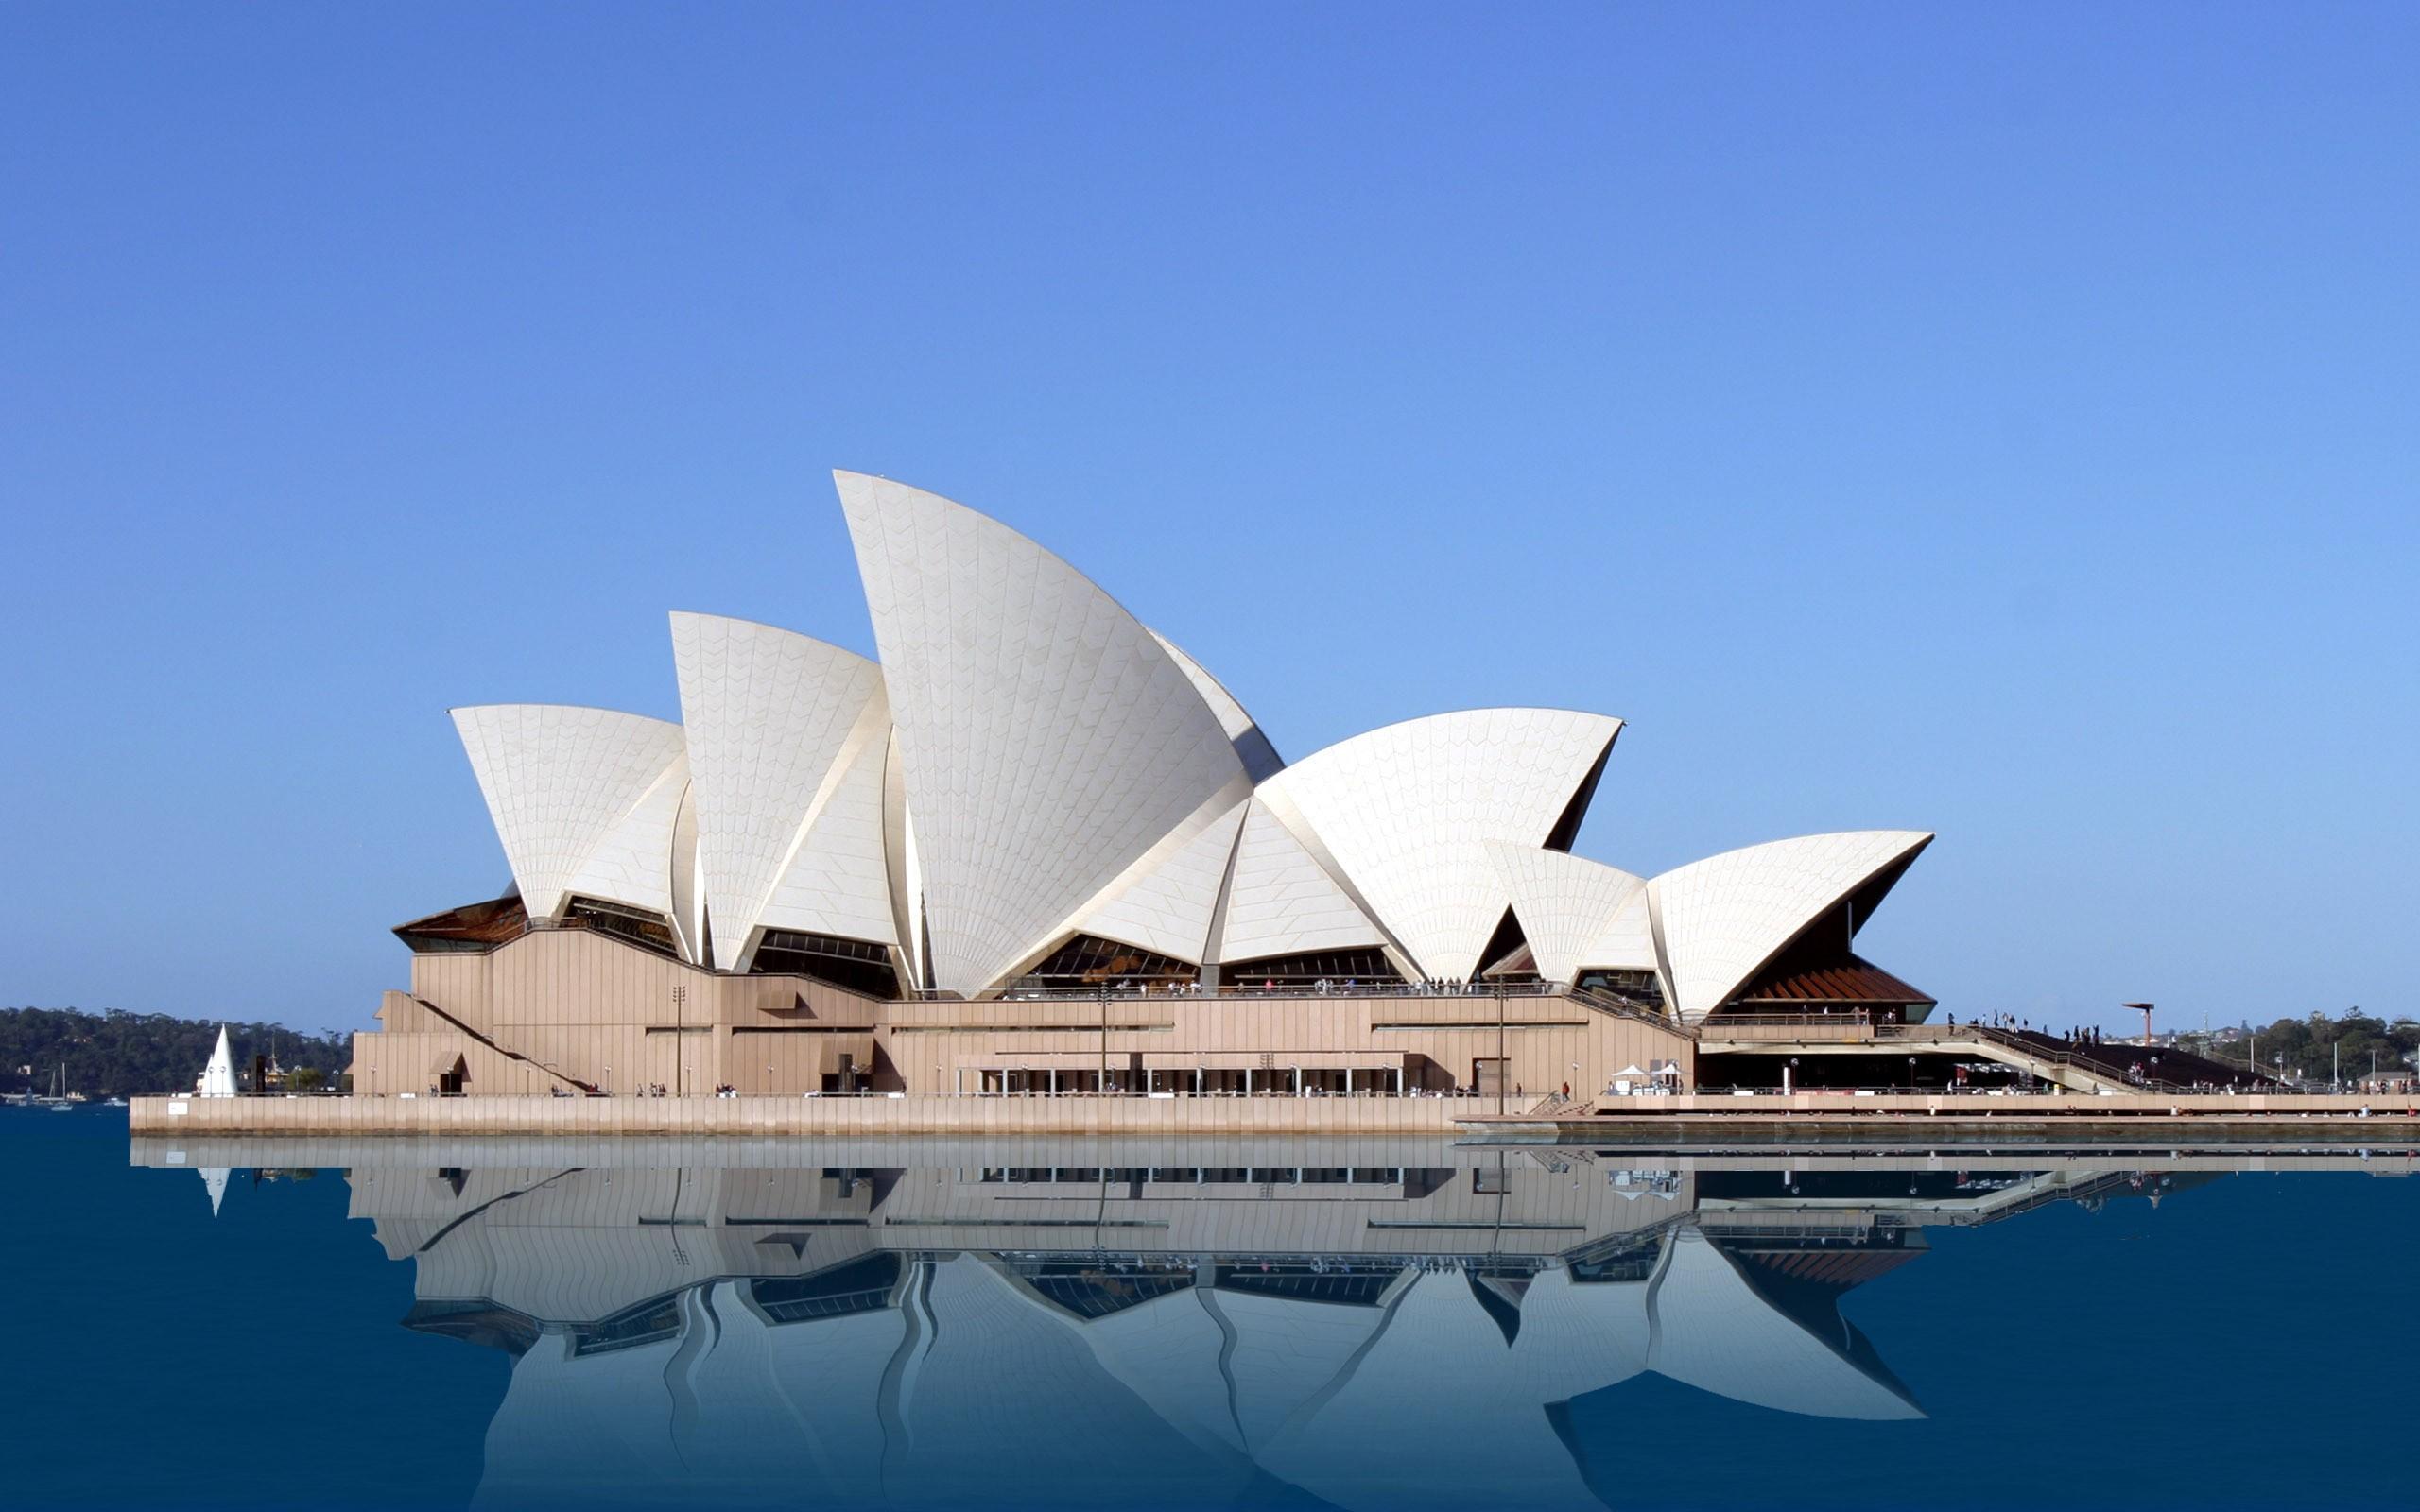 Opéra de sydney structure